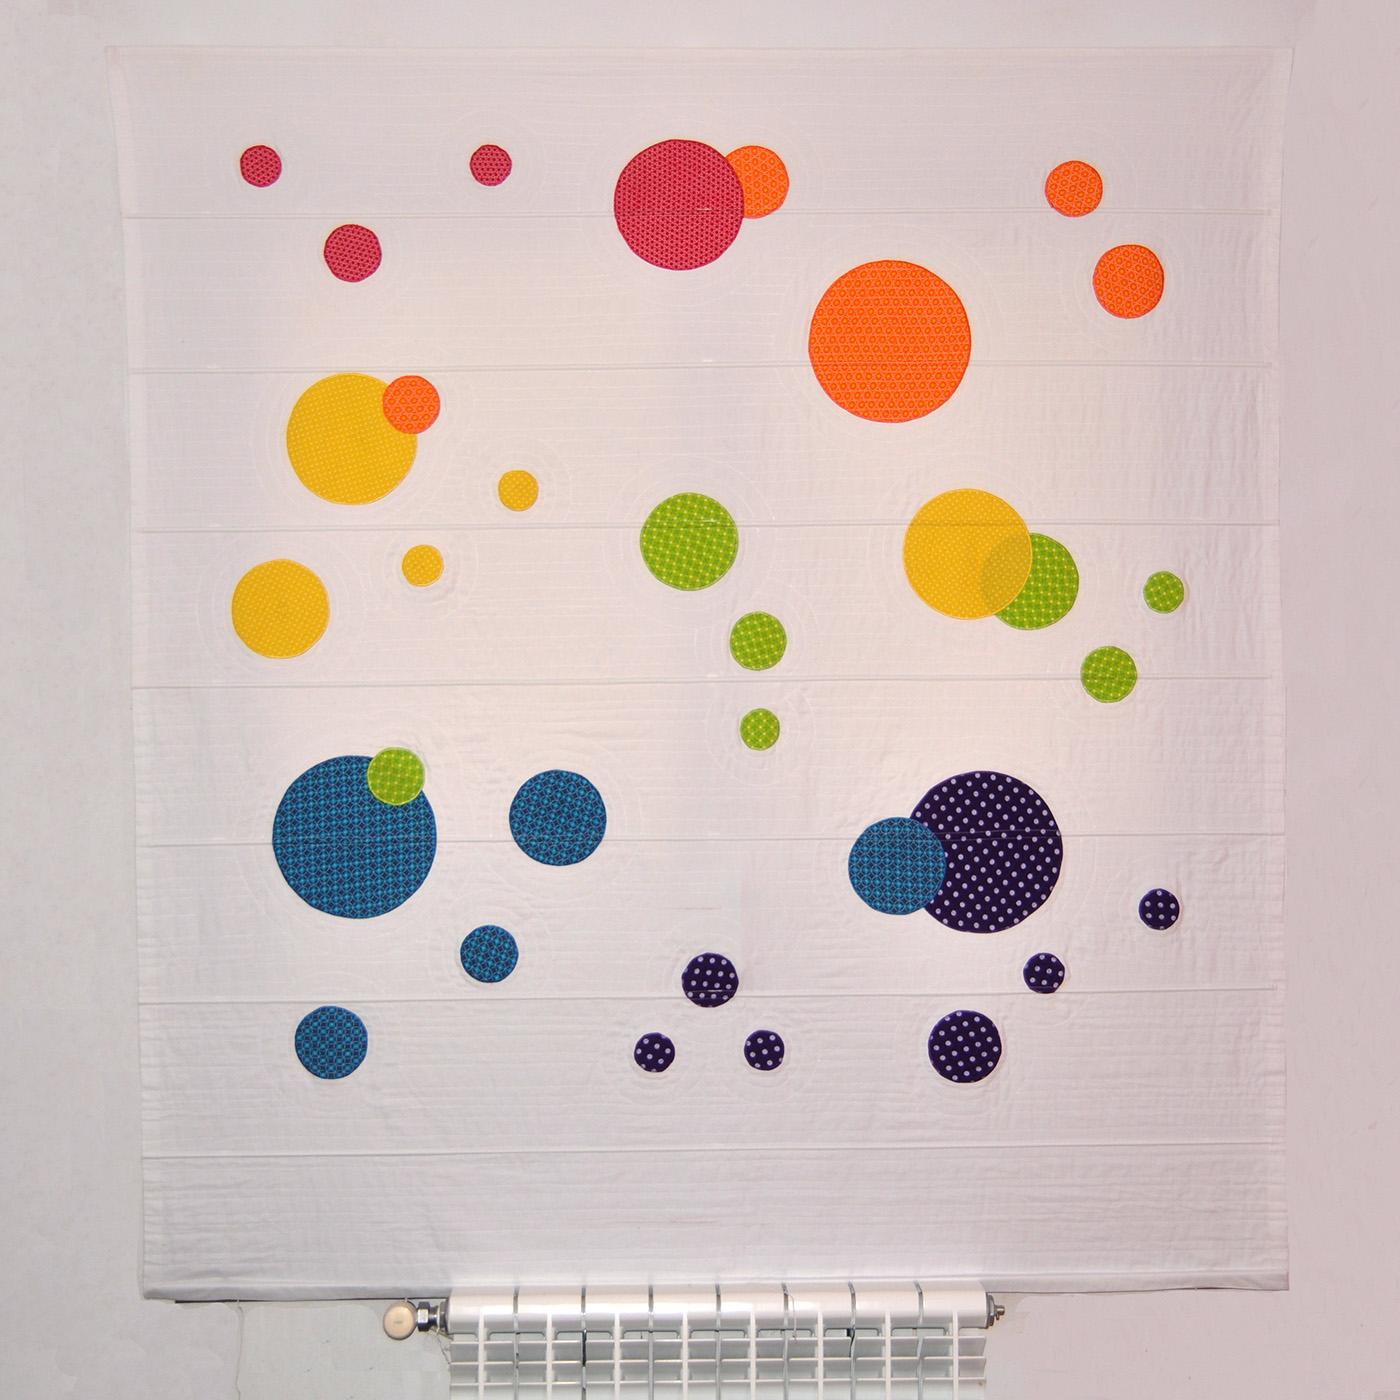 Cortina cercles colors